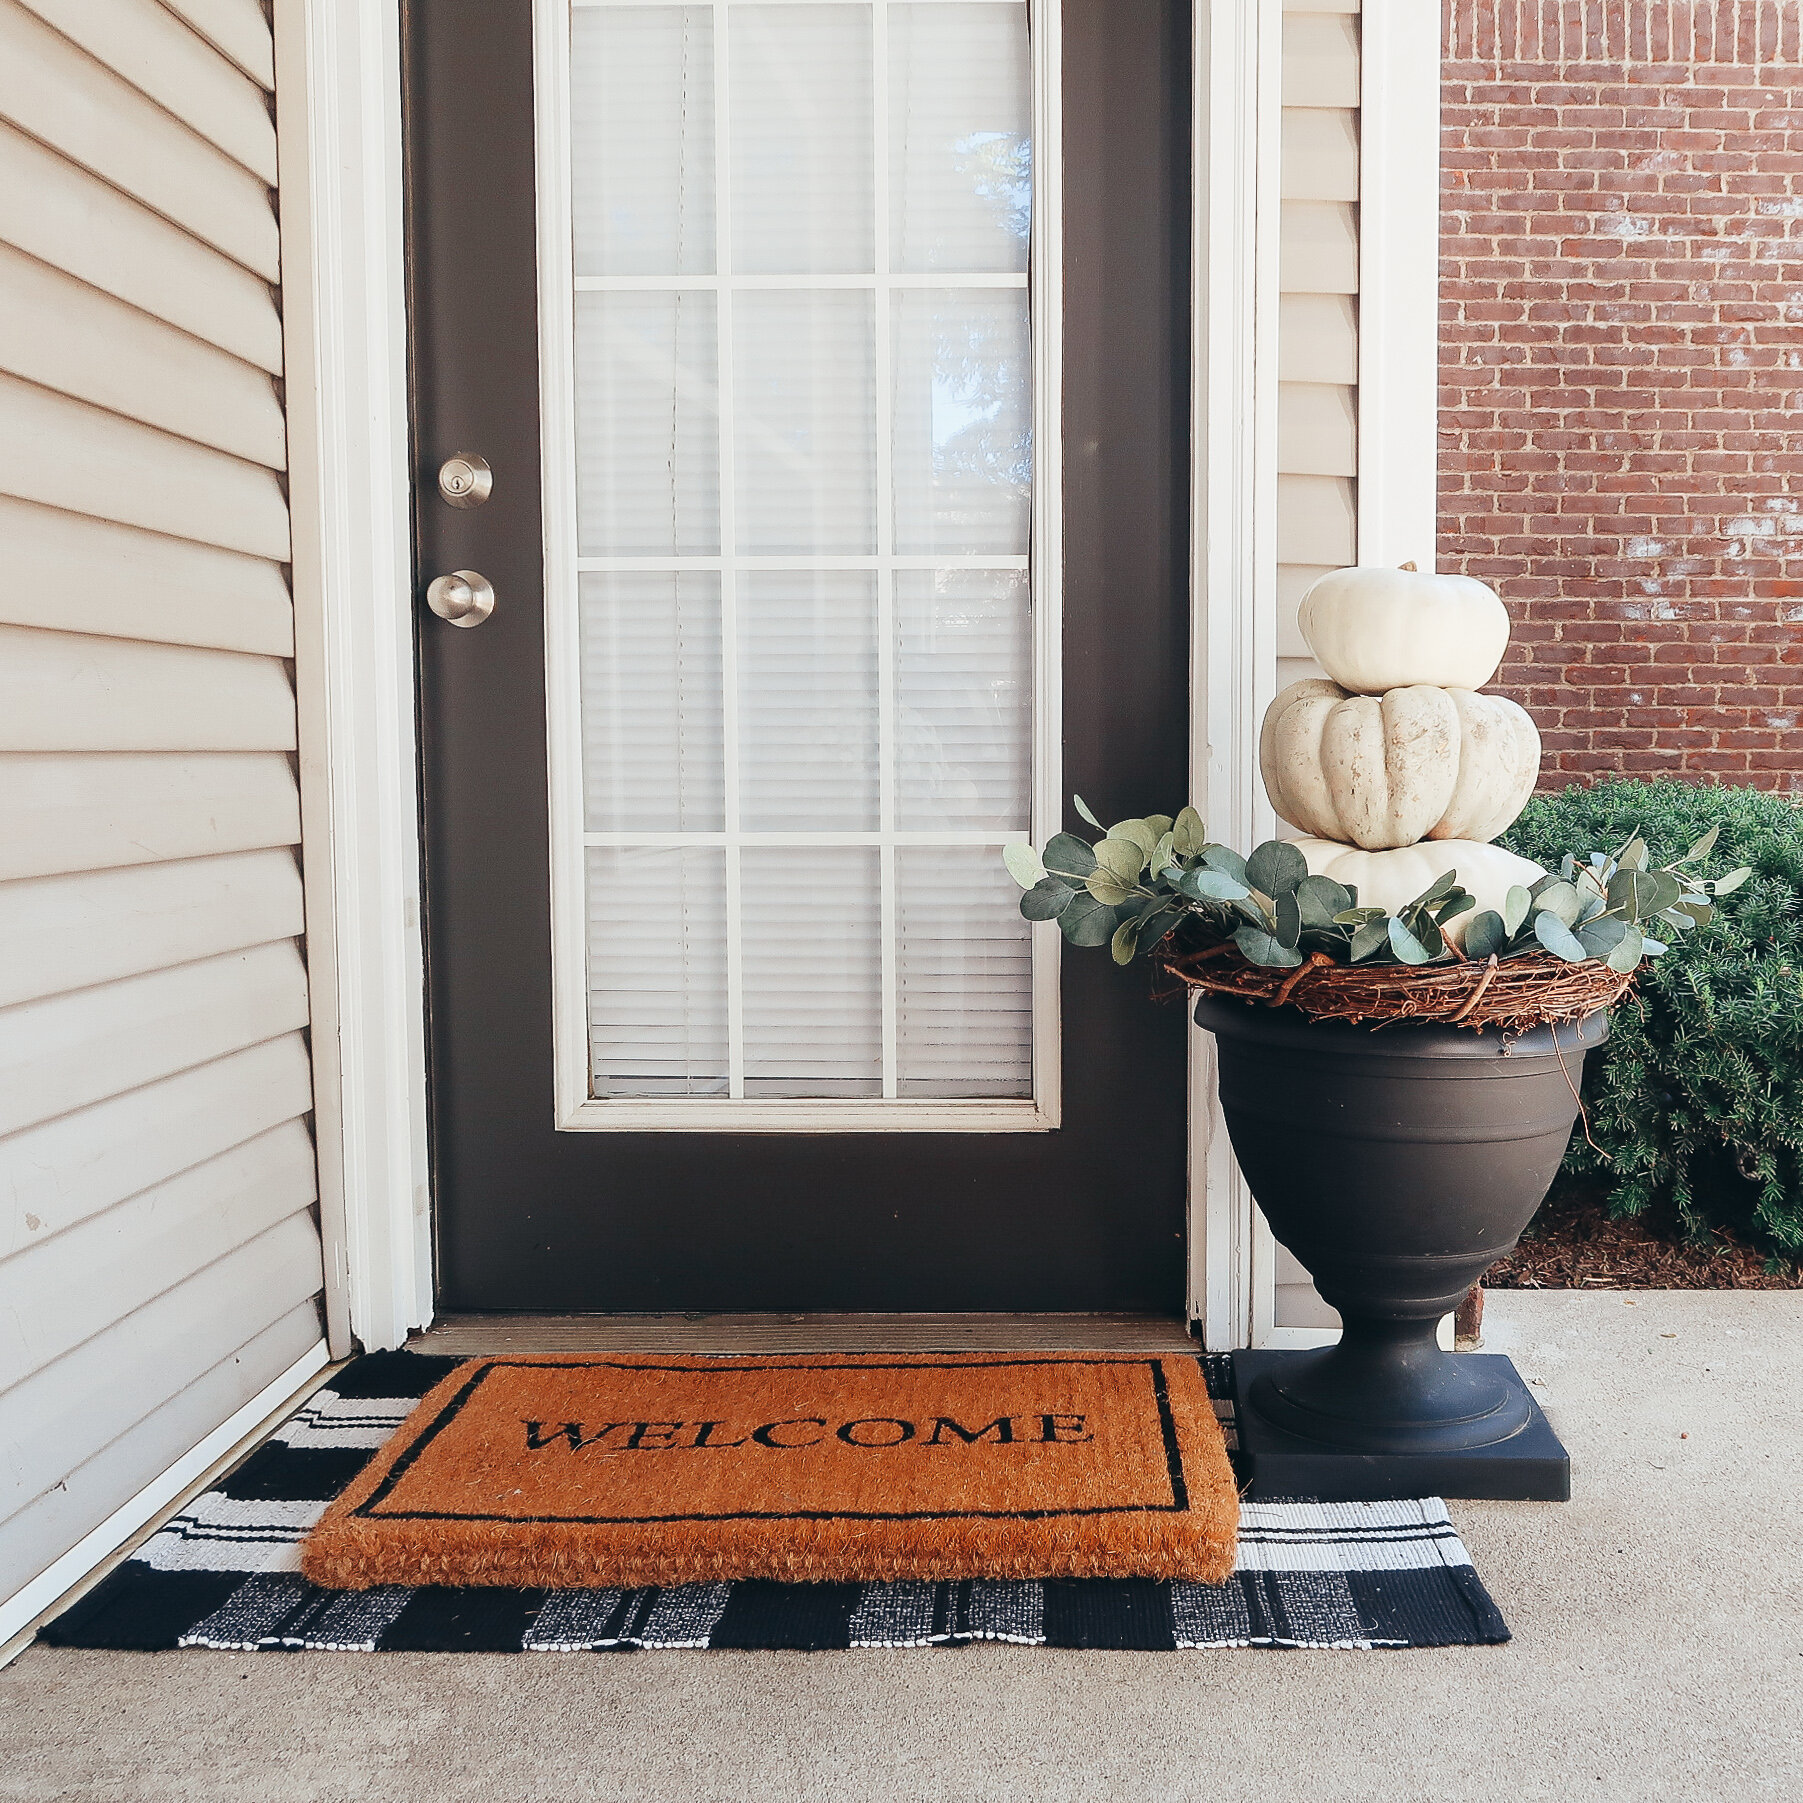 DIY-fall-pumpkin-topiary-1.jpg